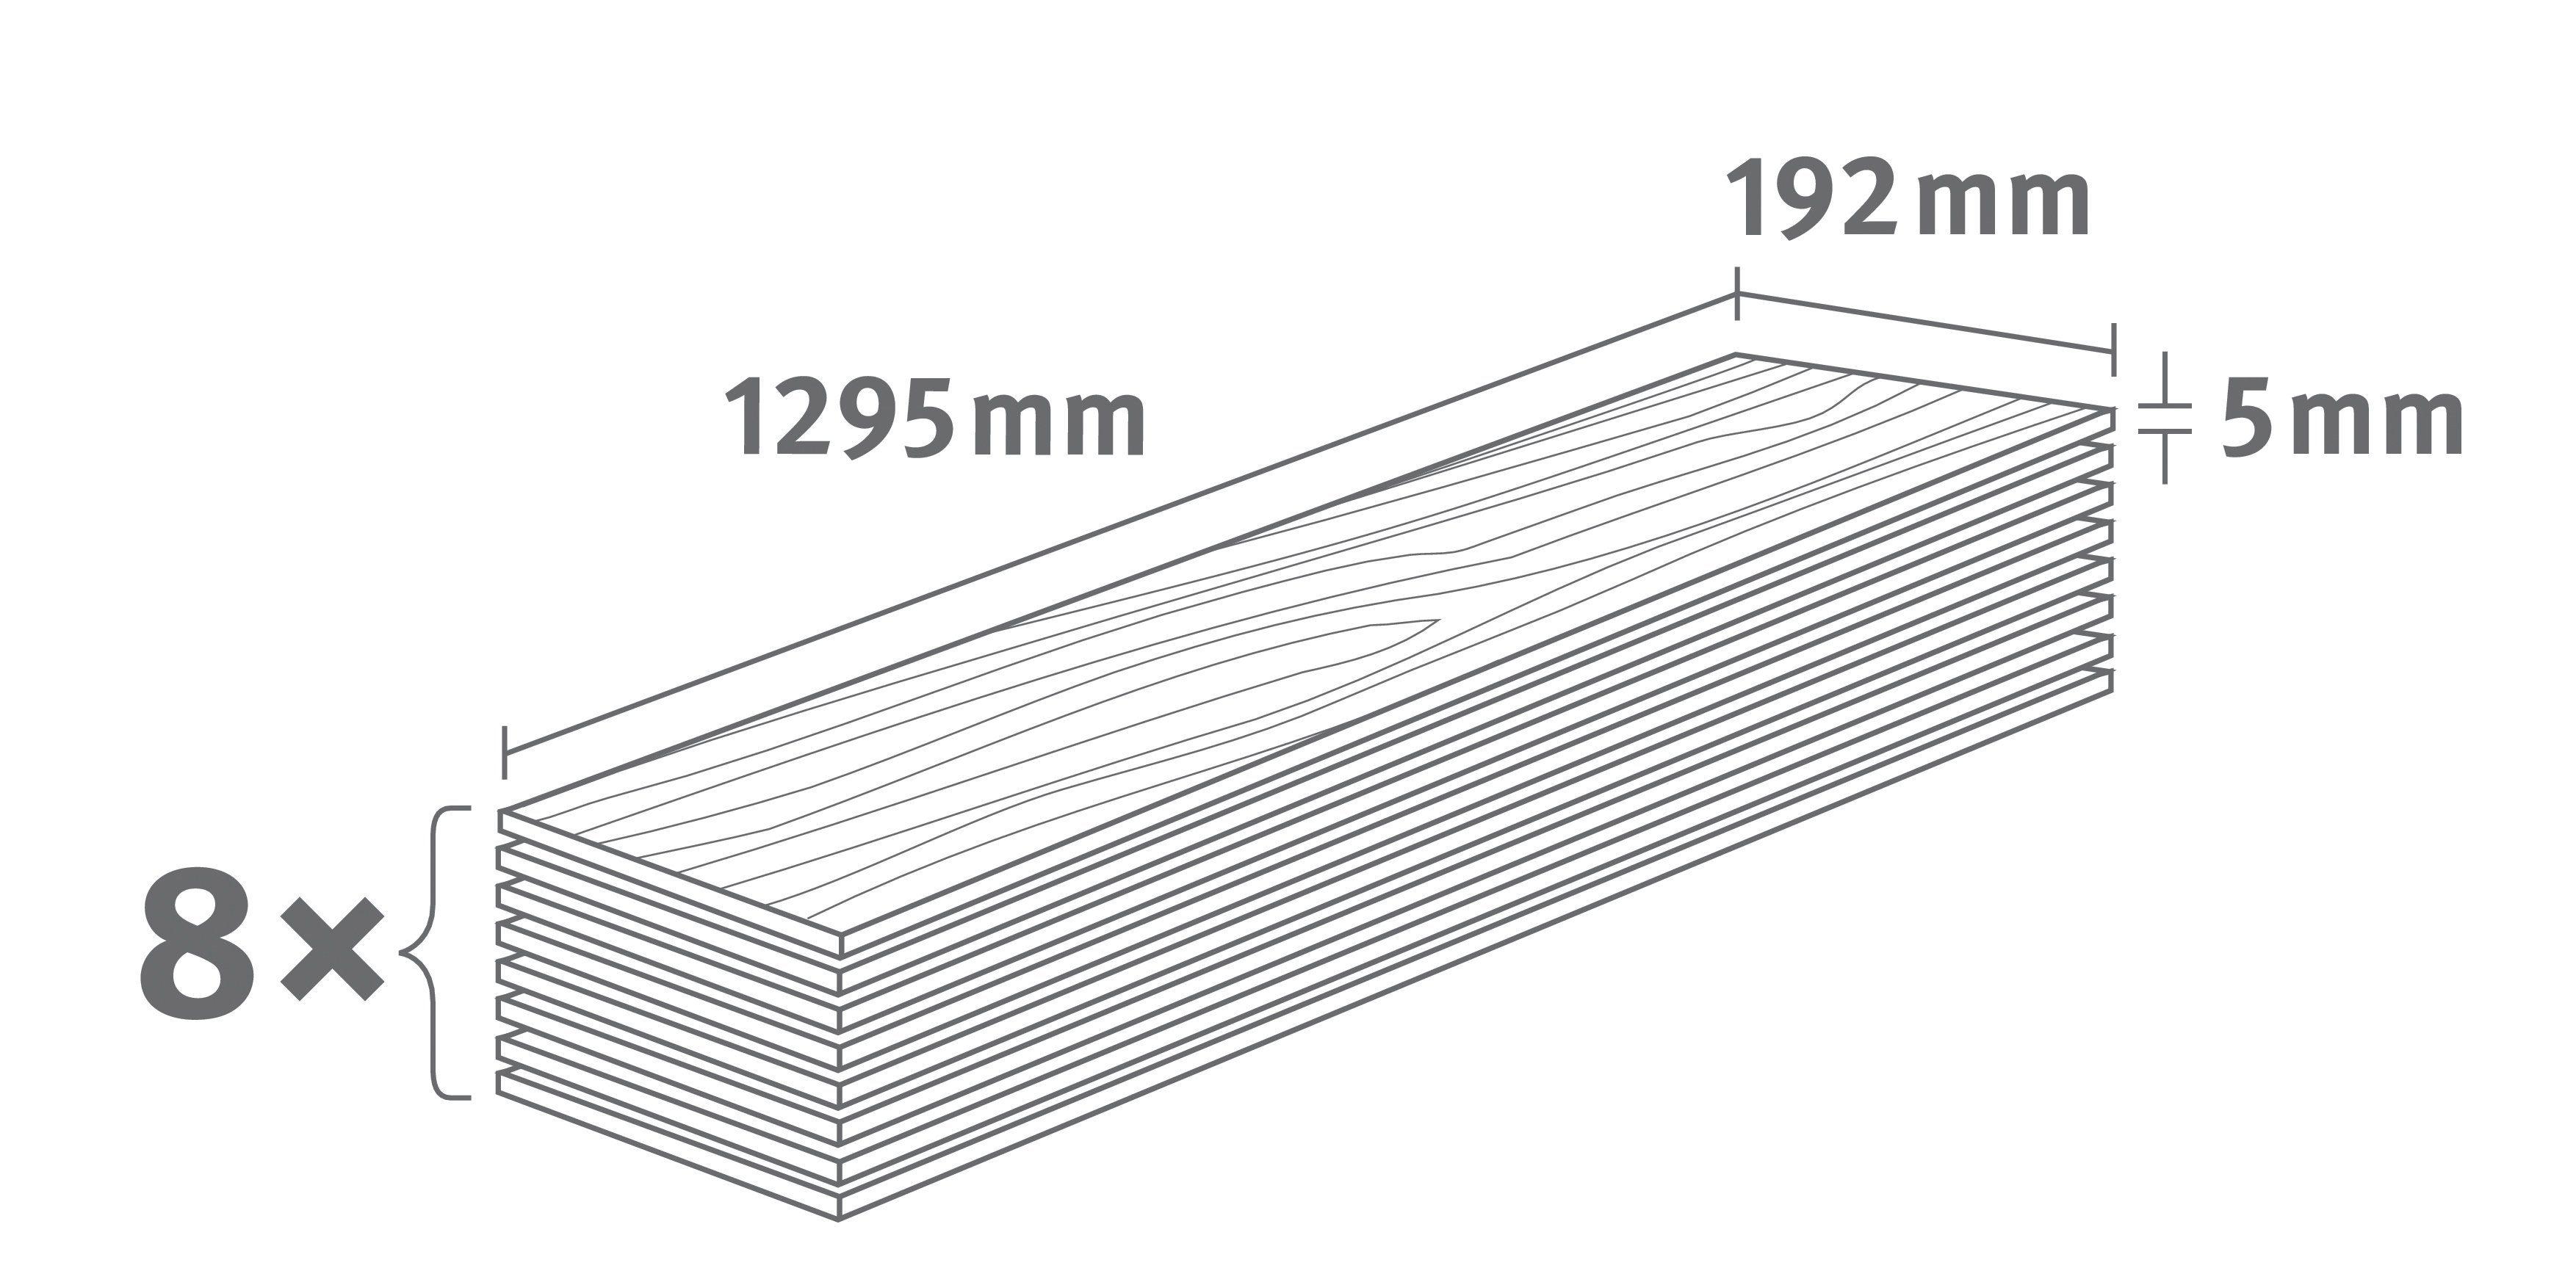 EGGER Designboden »EGGER HOME Design Eiche sägerau braun«, 1295 x 192 mm, Stärke: 5 mm